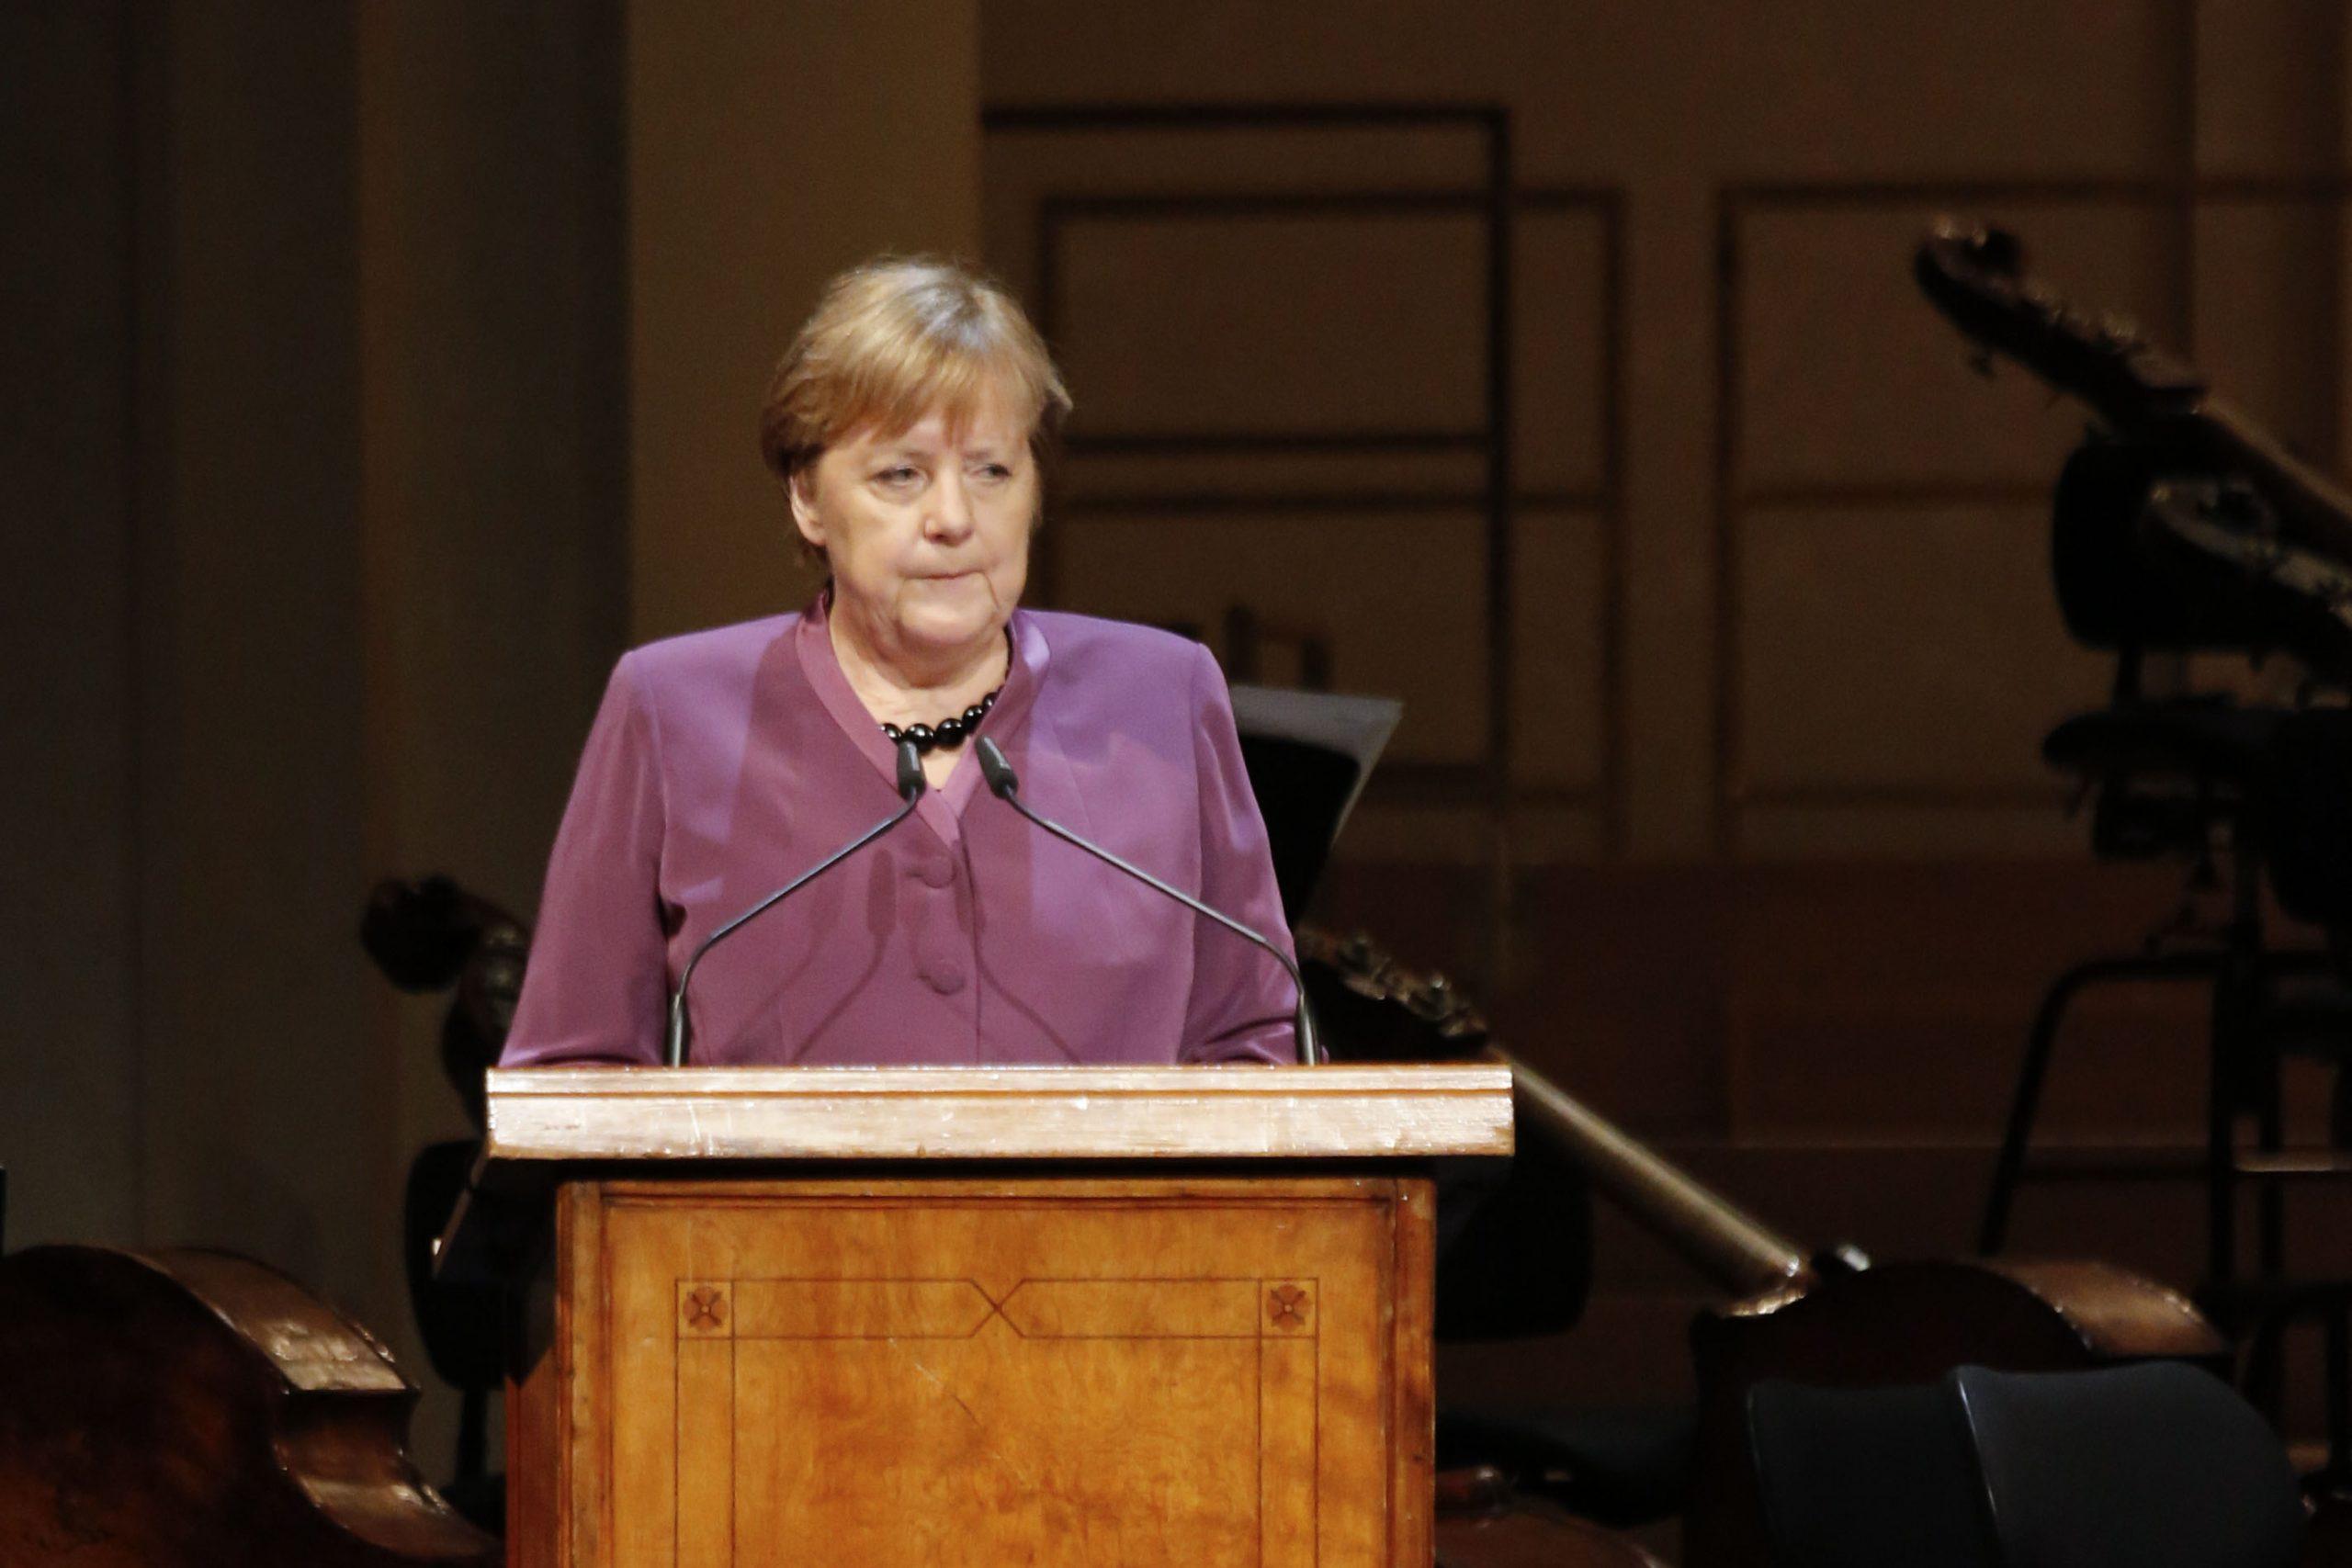 Duitse-bondskanselier-Angela-Merkel-spreekt-tijdens-herdenking-Auschwitz-in-Berlijn